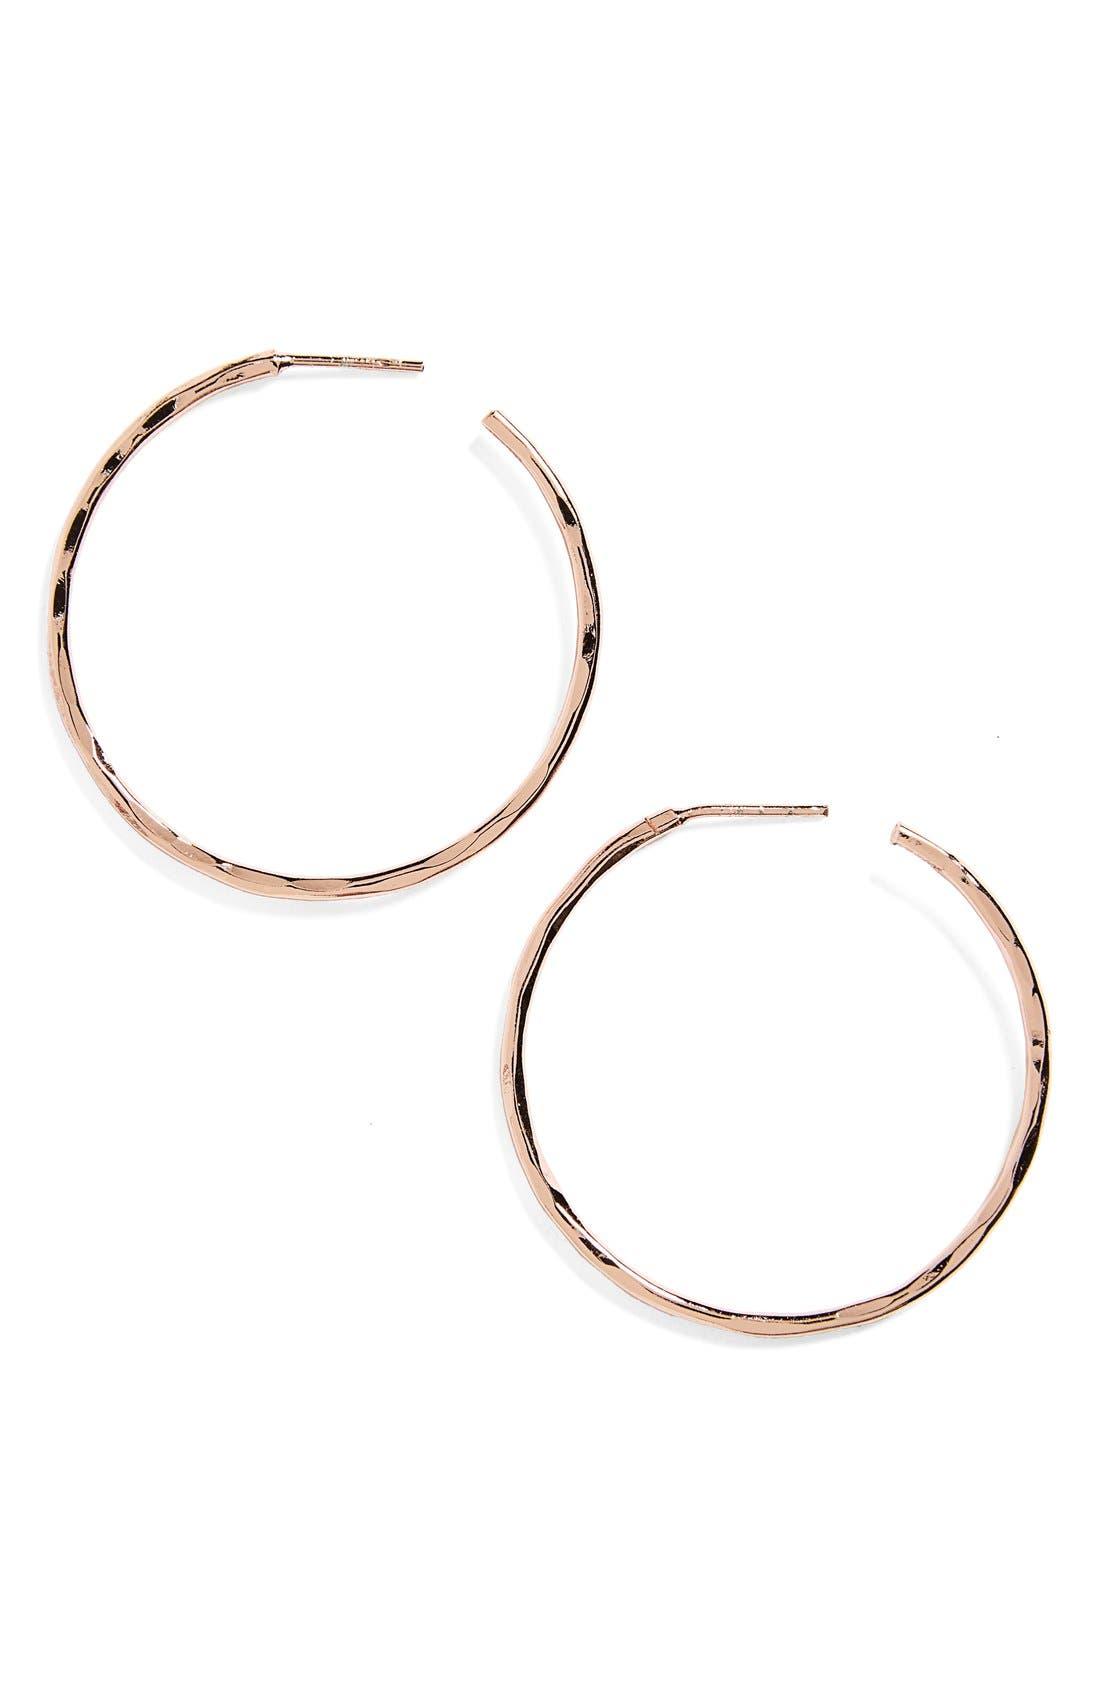 Main Image - Argento Vivo Medium Hammered Hoop Earrings